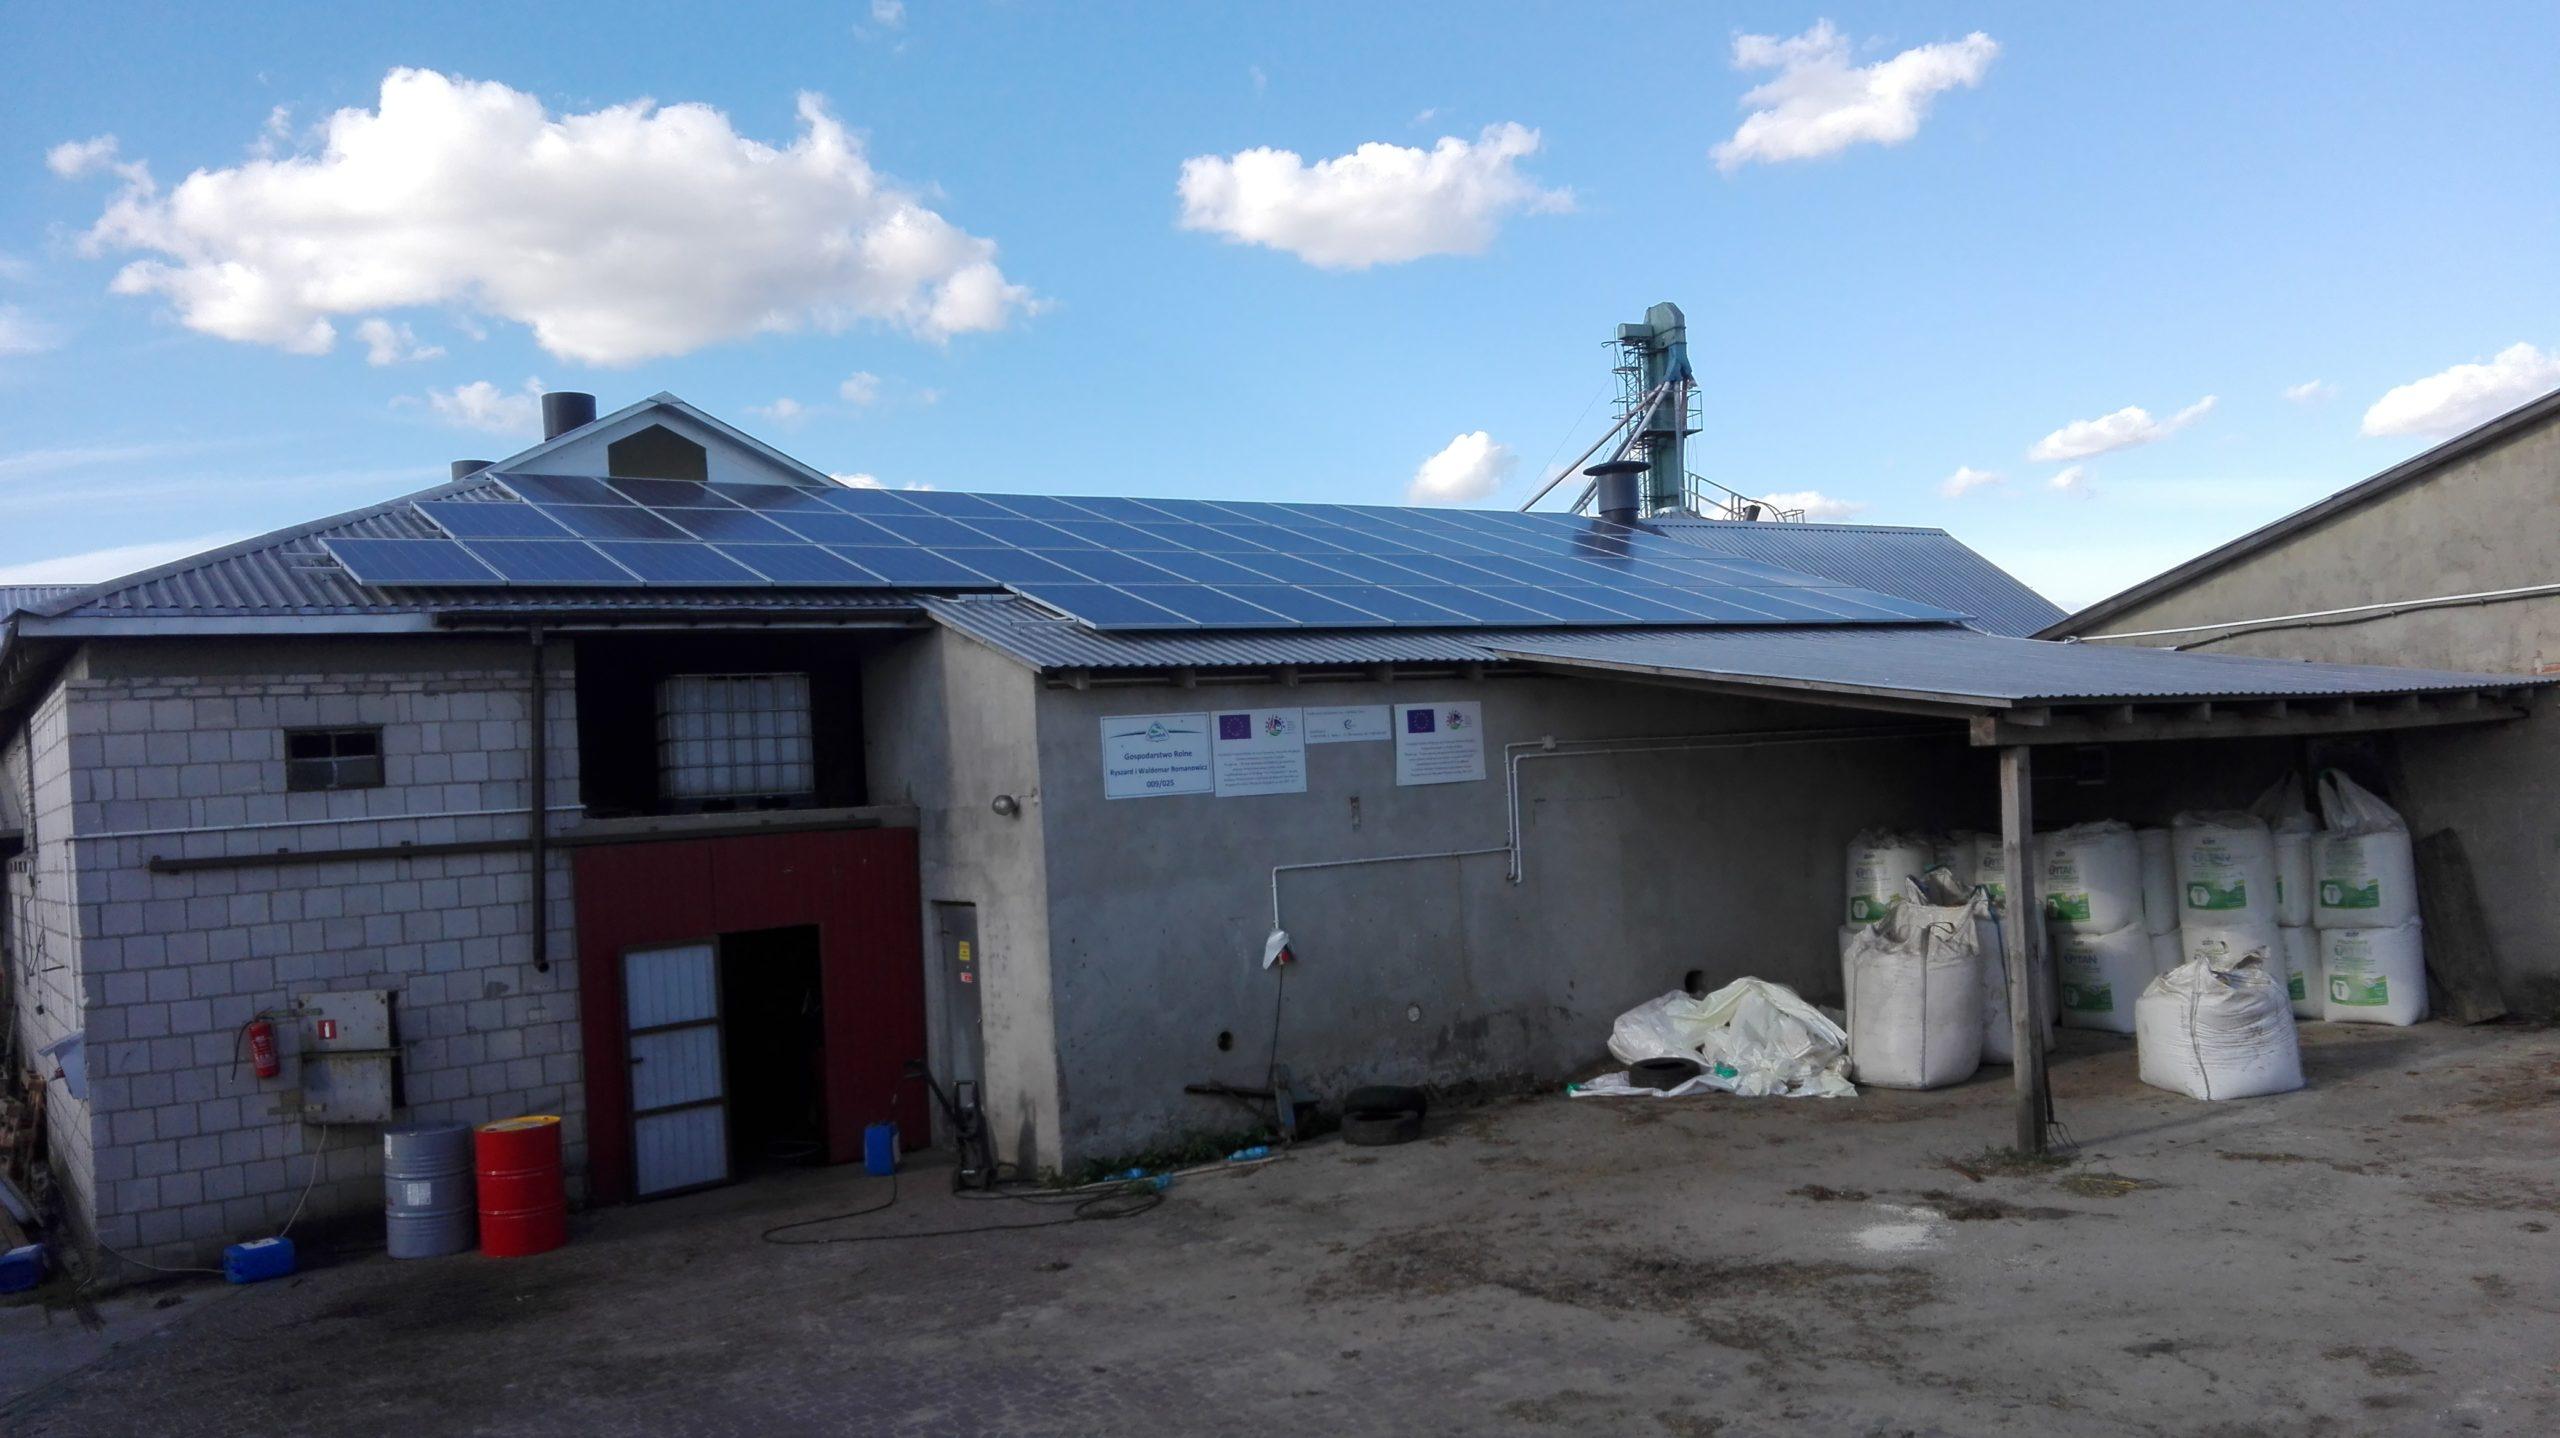 Niewęgłosz, gmina Czemierniki - 14,56 kWp